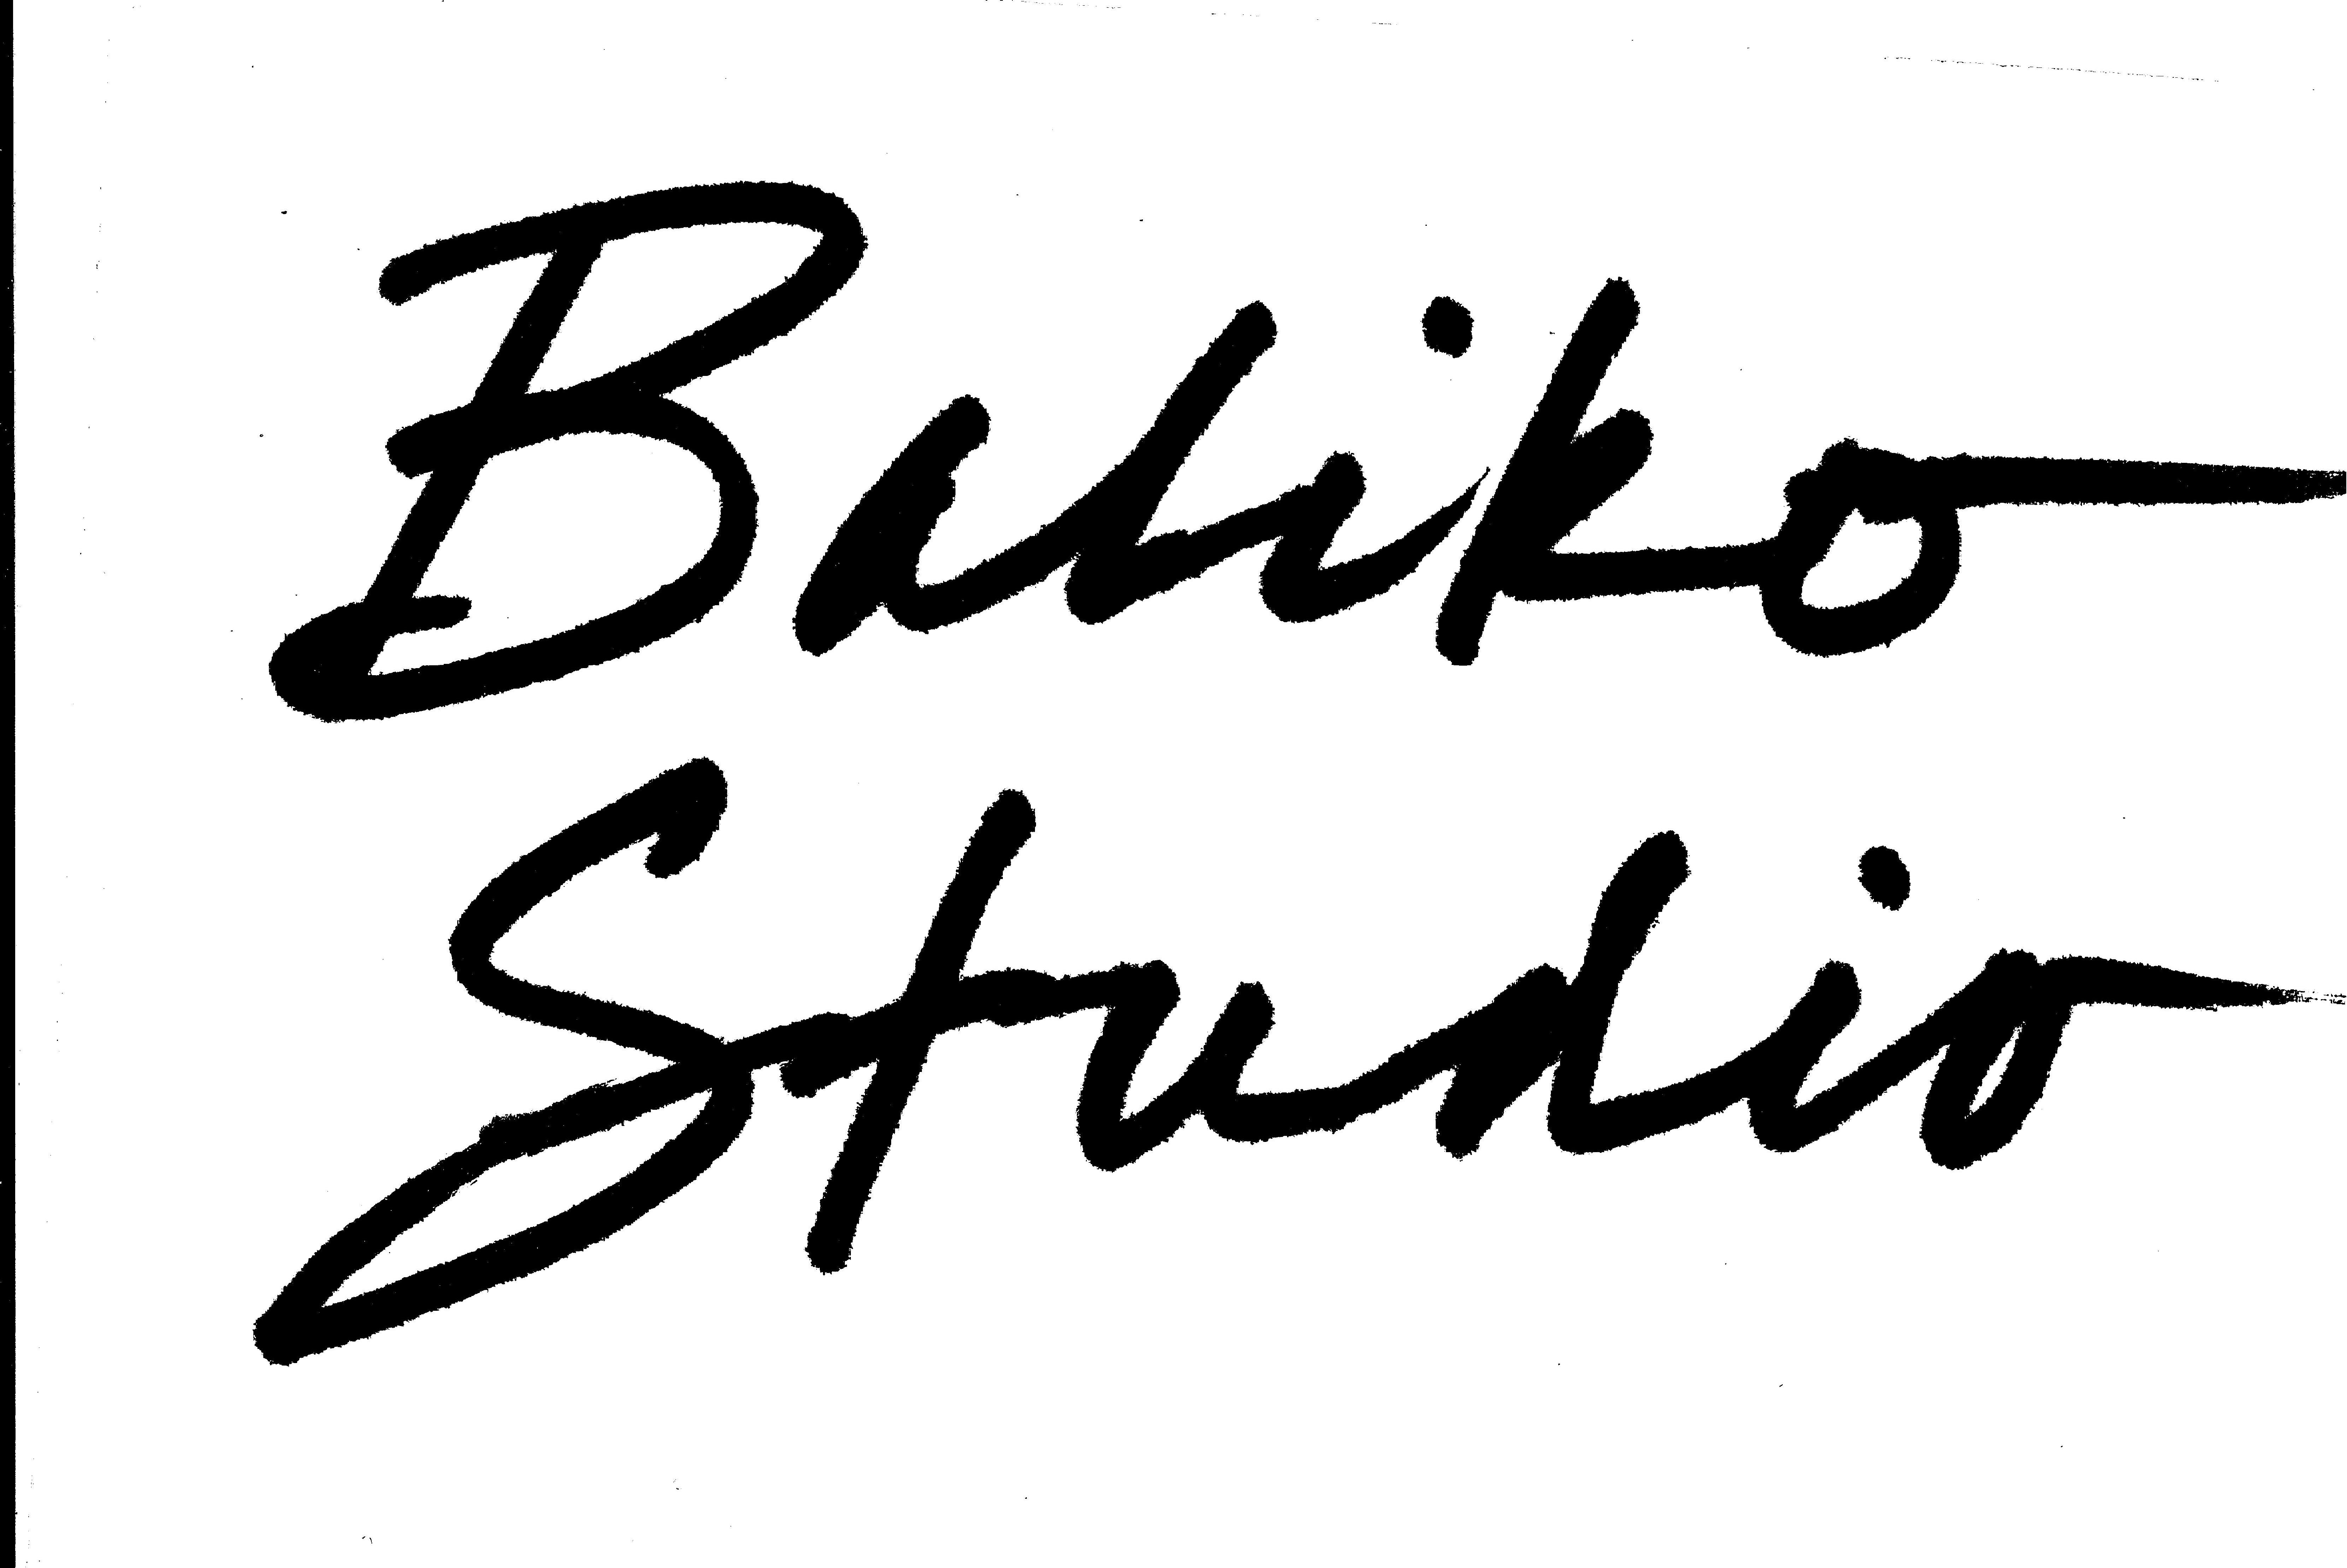 balikostudio's Signature